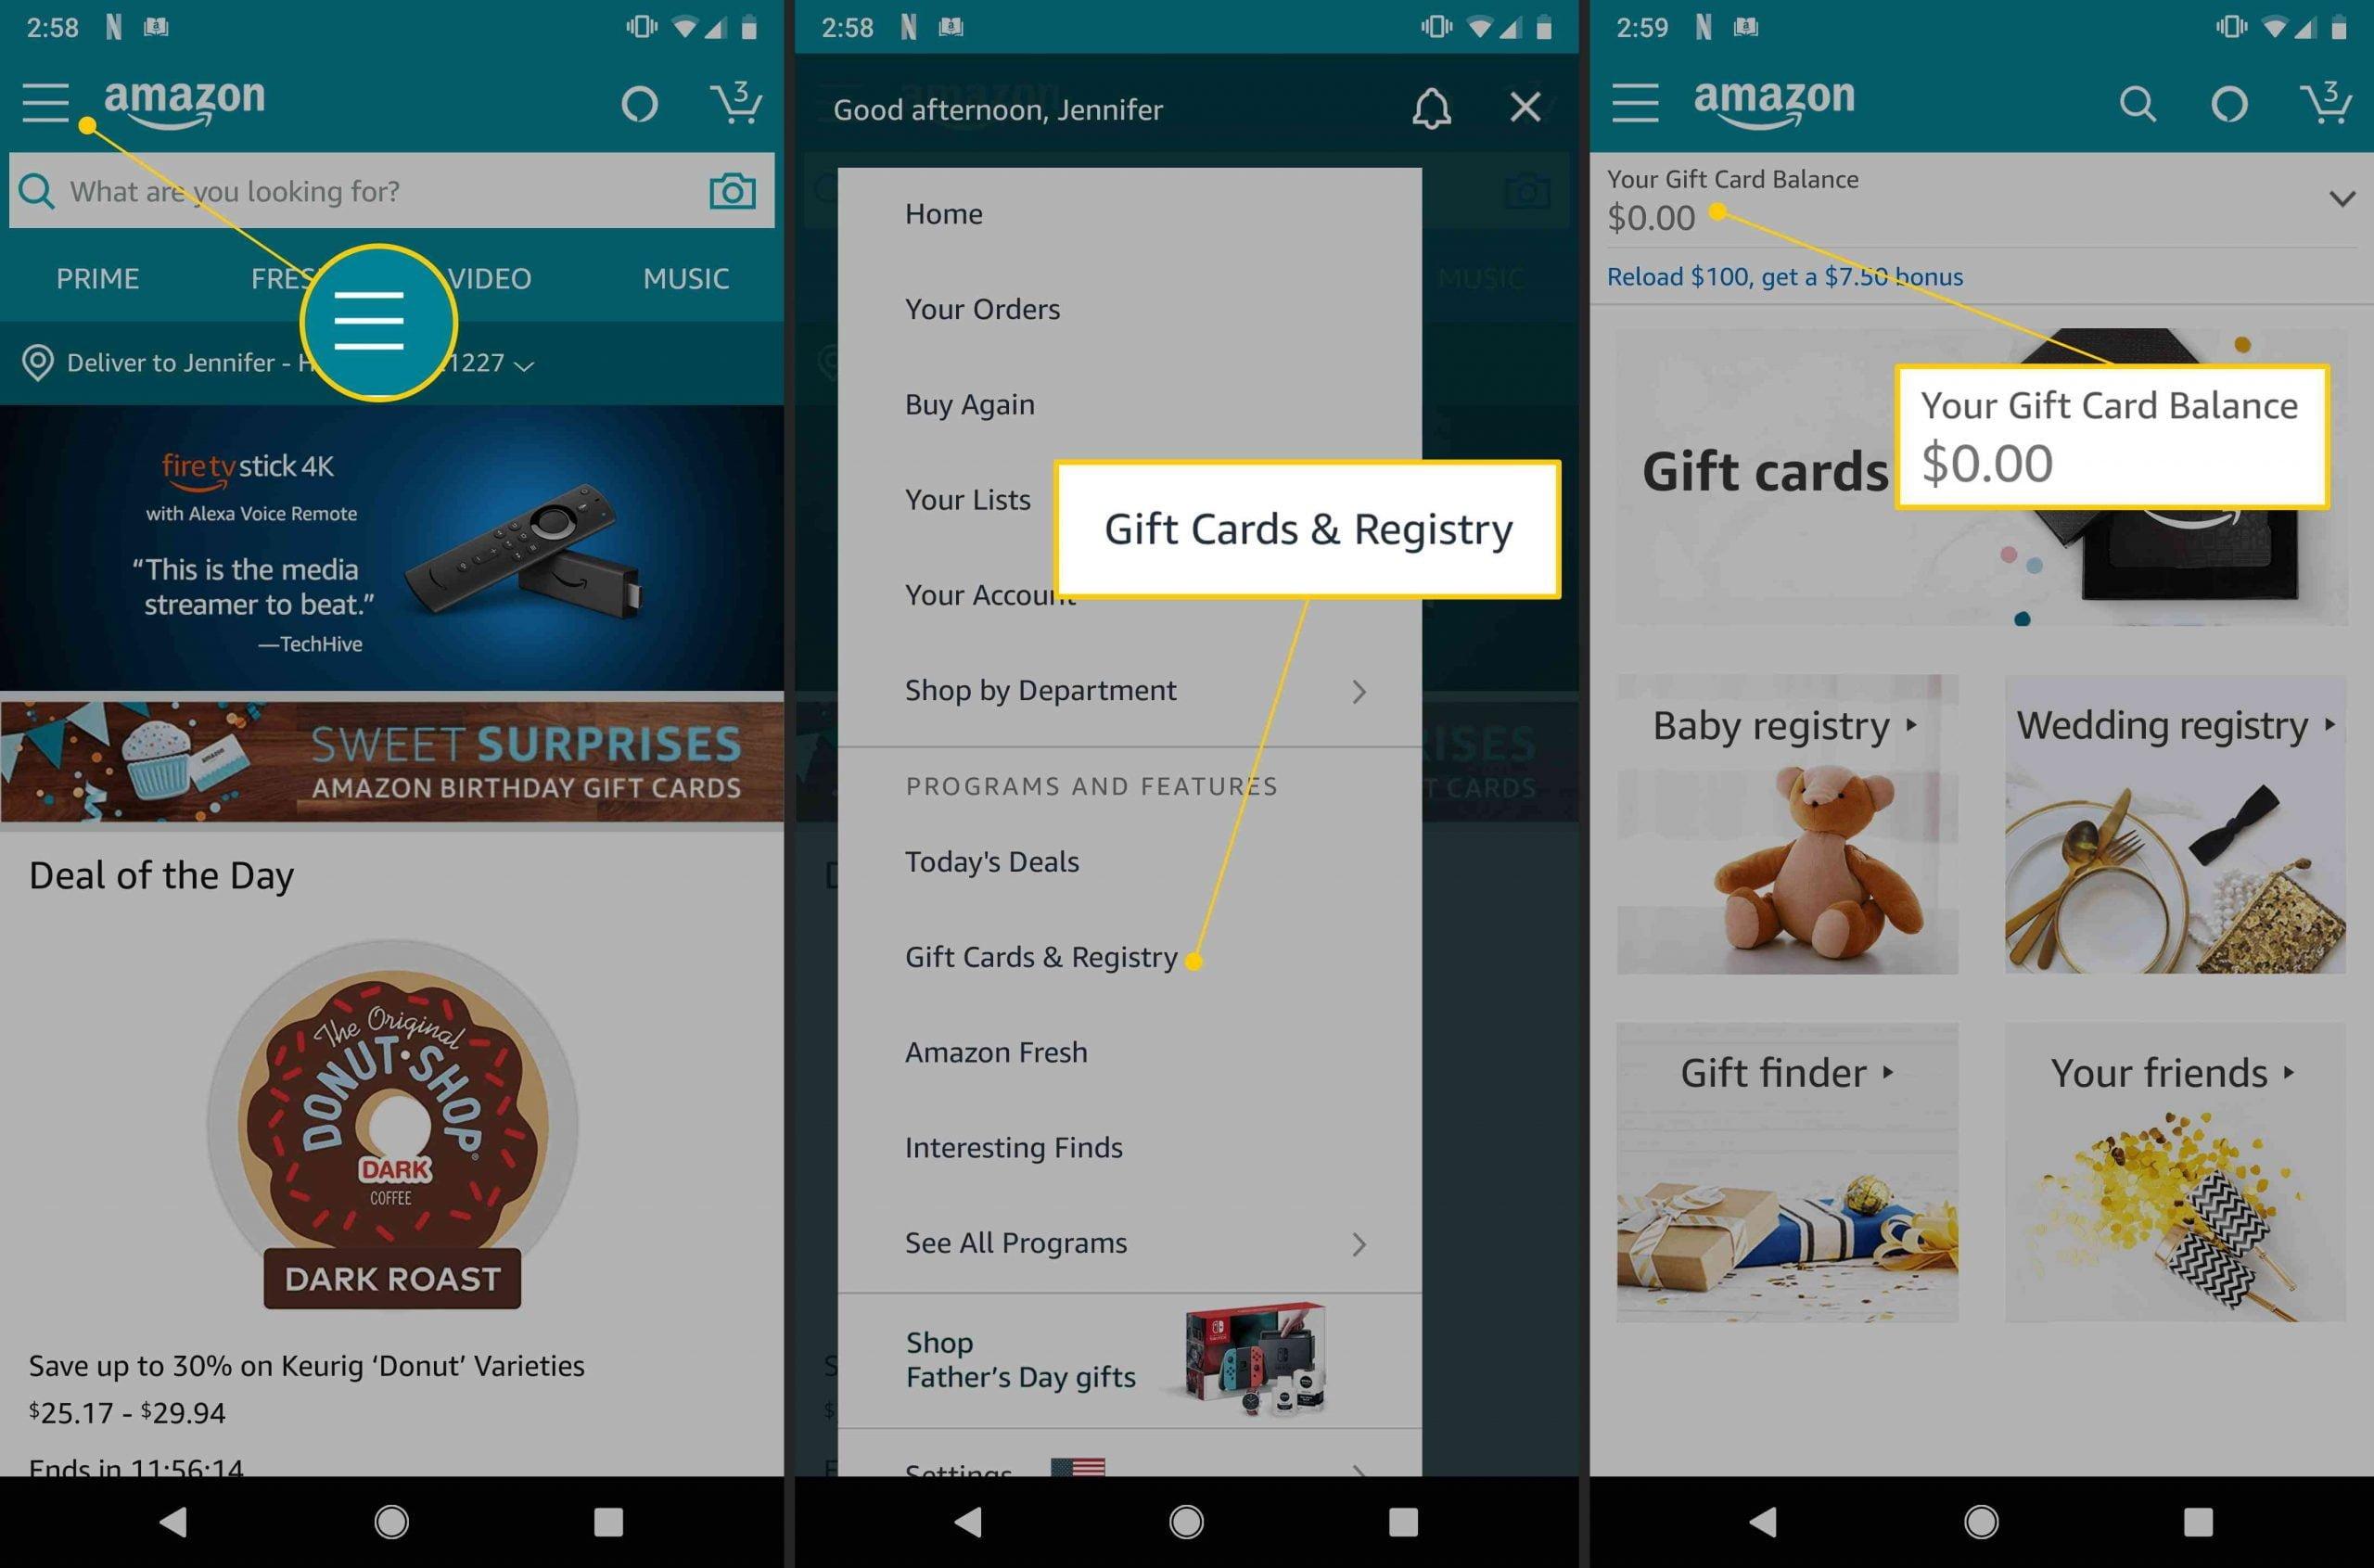 Kiểm tra số dư thẻ quà tặng Amazon bằng ứng dụng